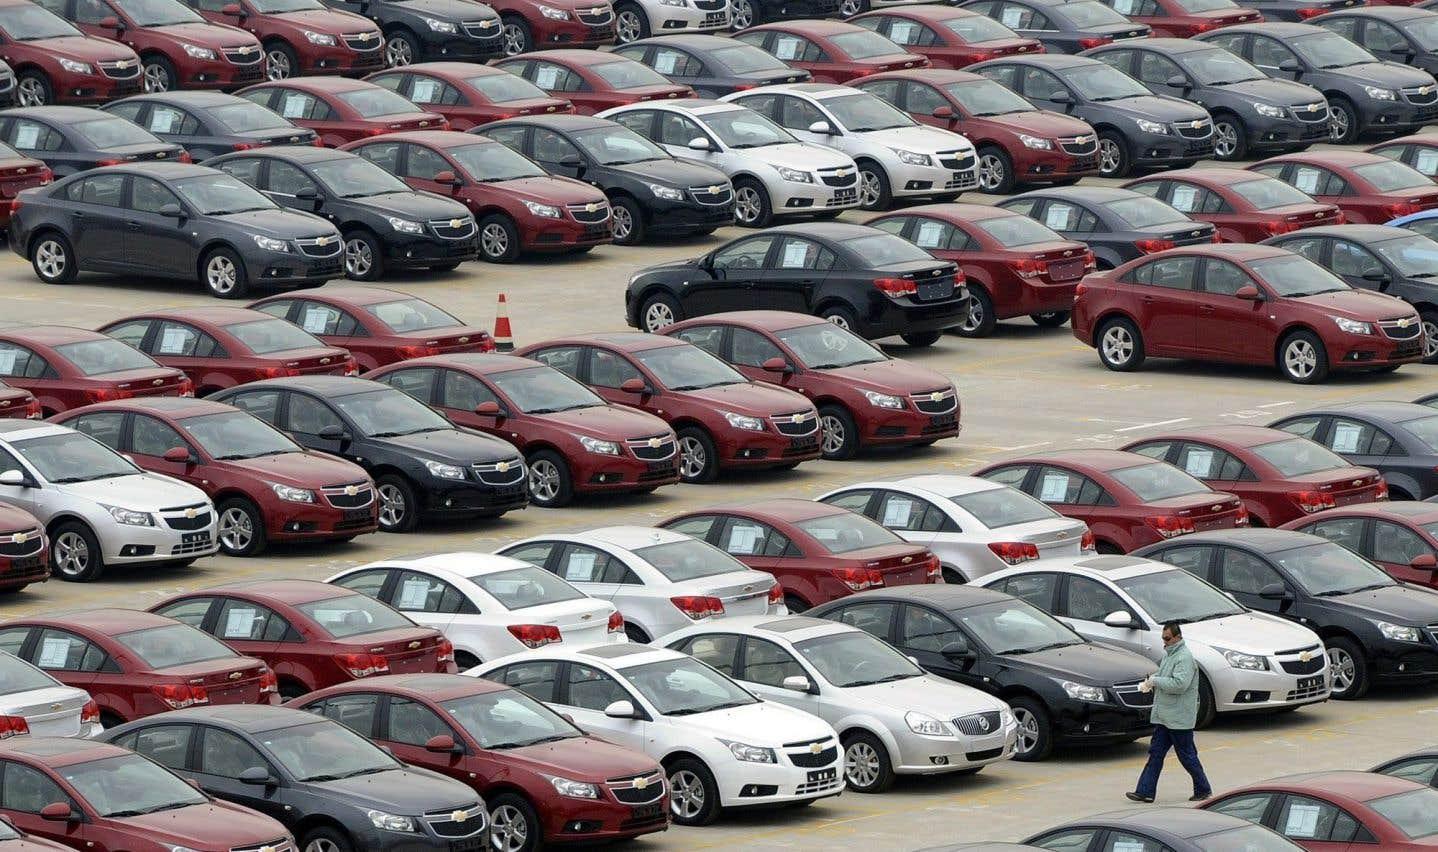 Guerre ouverte entre Trump et l'industrie automobile